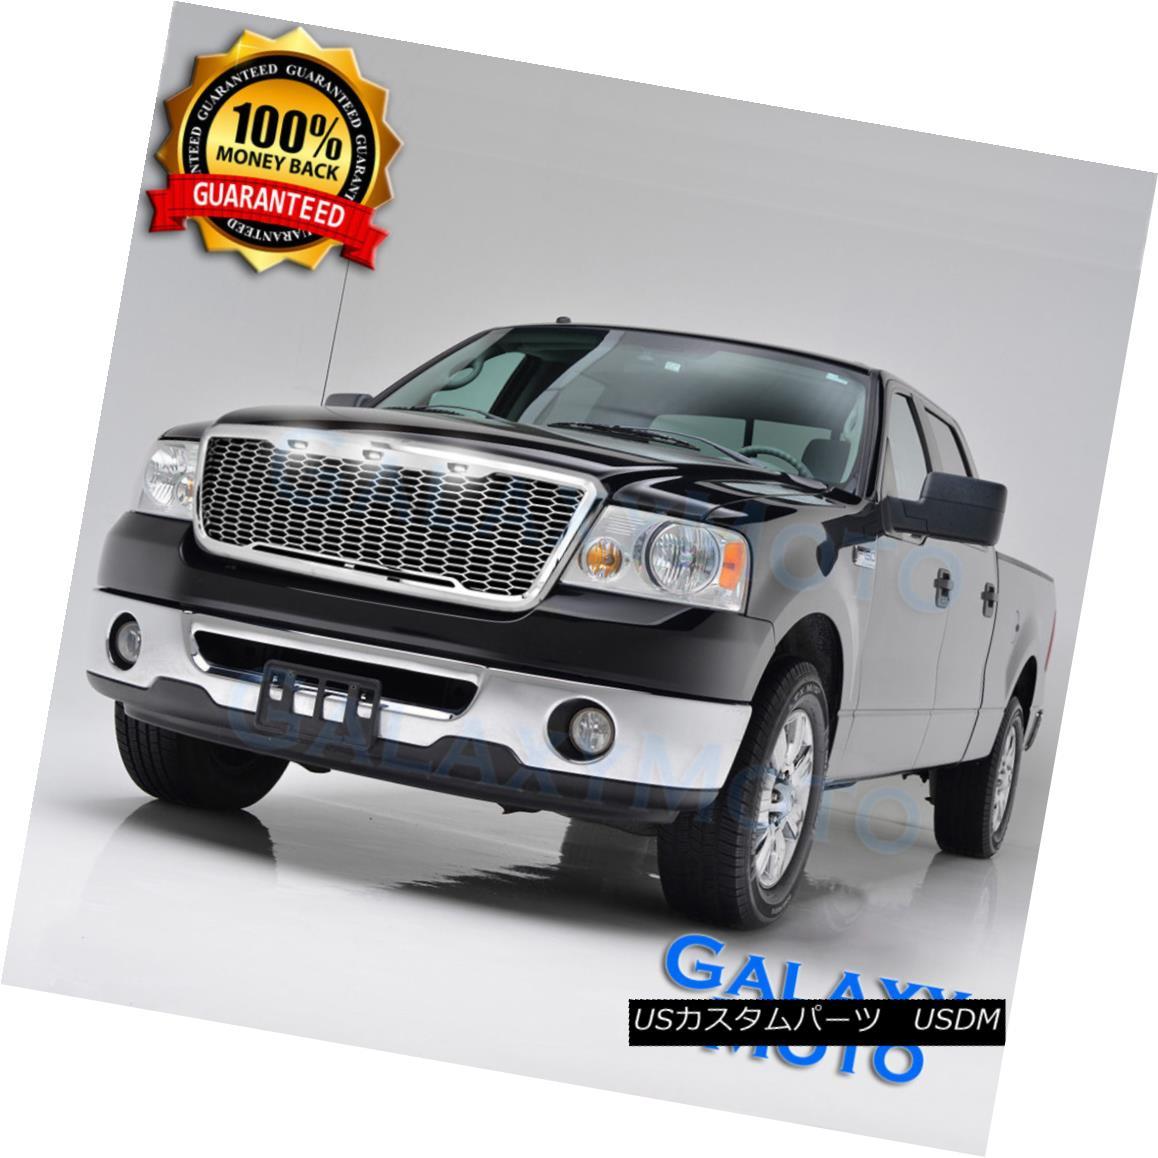 グリル 04-08 Ford F150 Raptor Style Chrome Package Mesh Grille+Shell+White 3x LED light 04-08 Ford F150ラプトルスタイルクロームパッケージメッシュグリル+シェル+ W hite 3x LEDライト